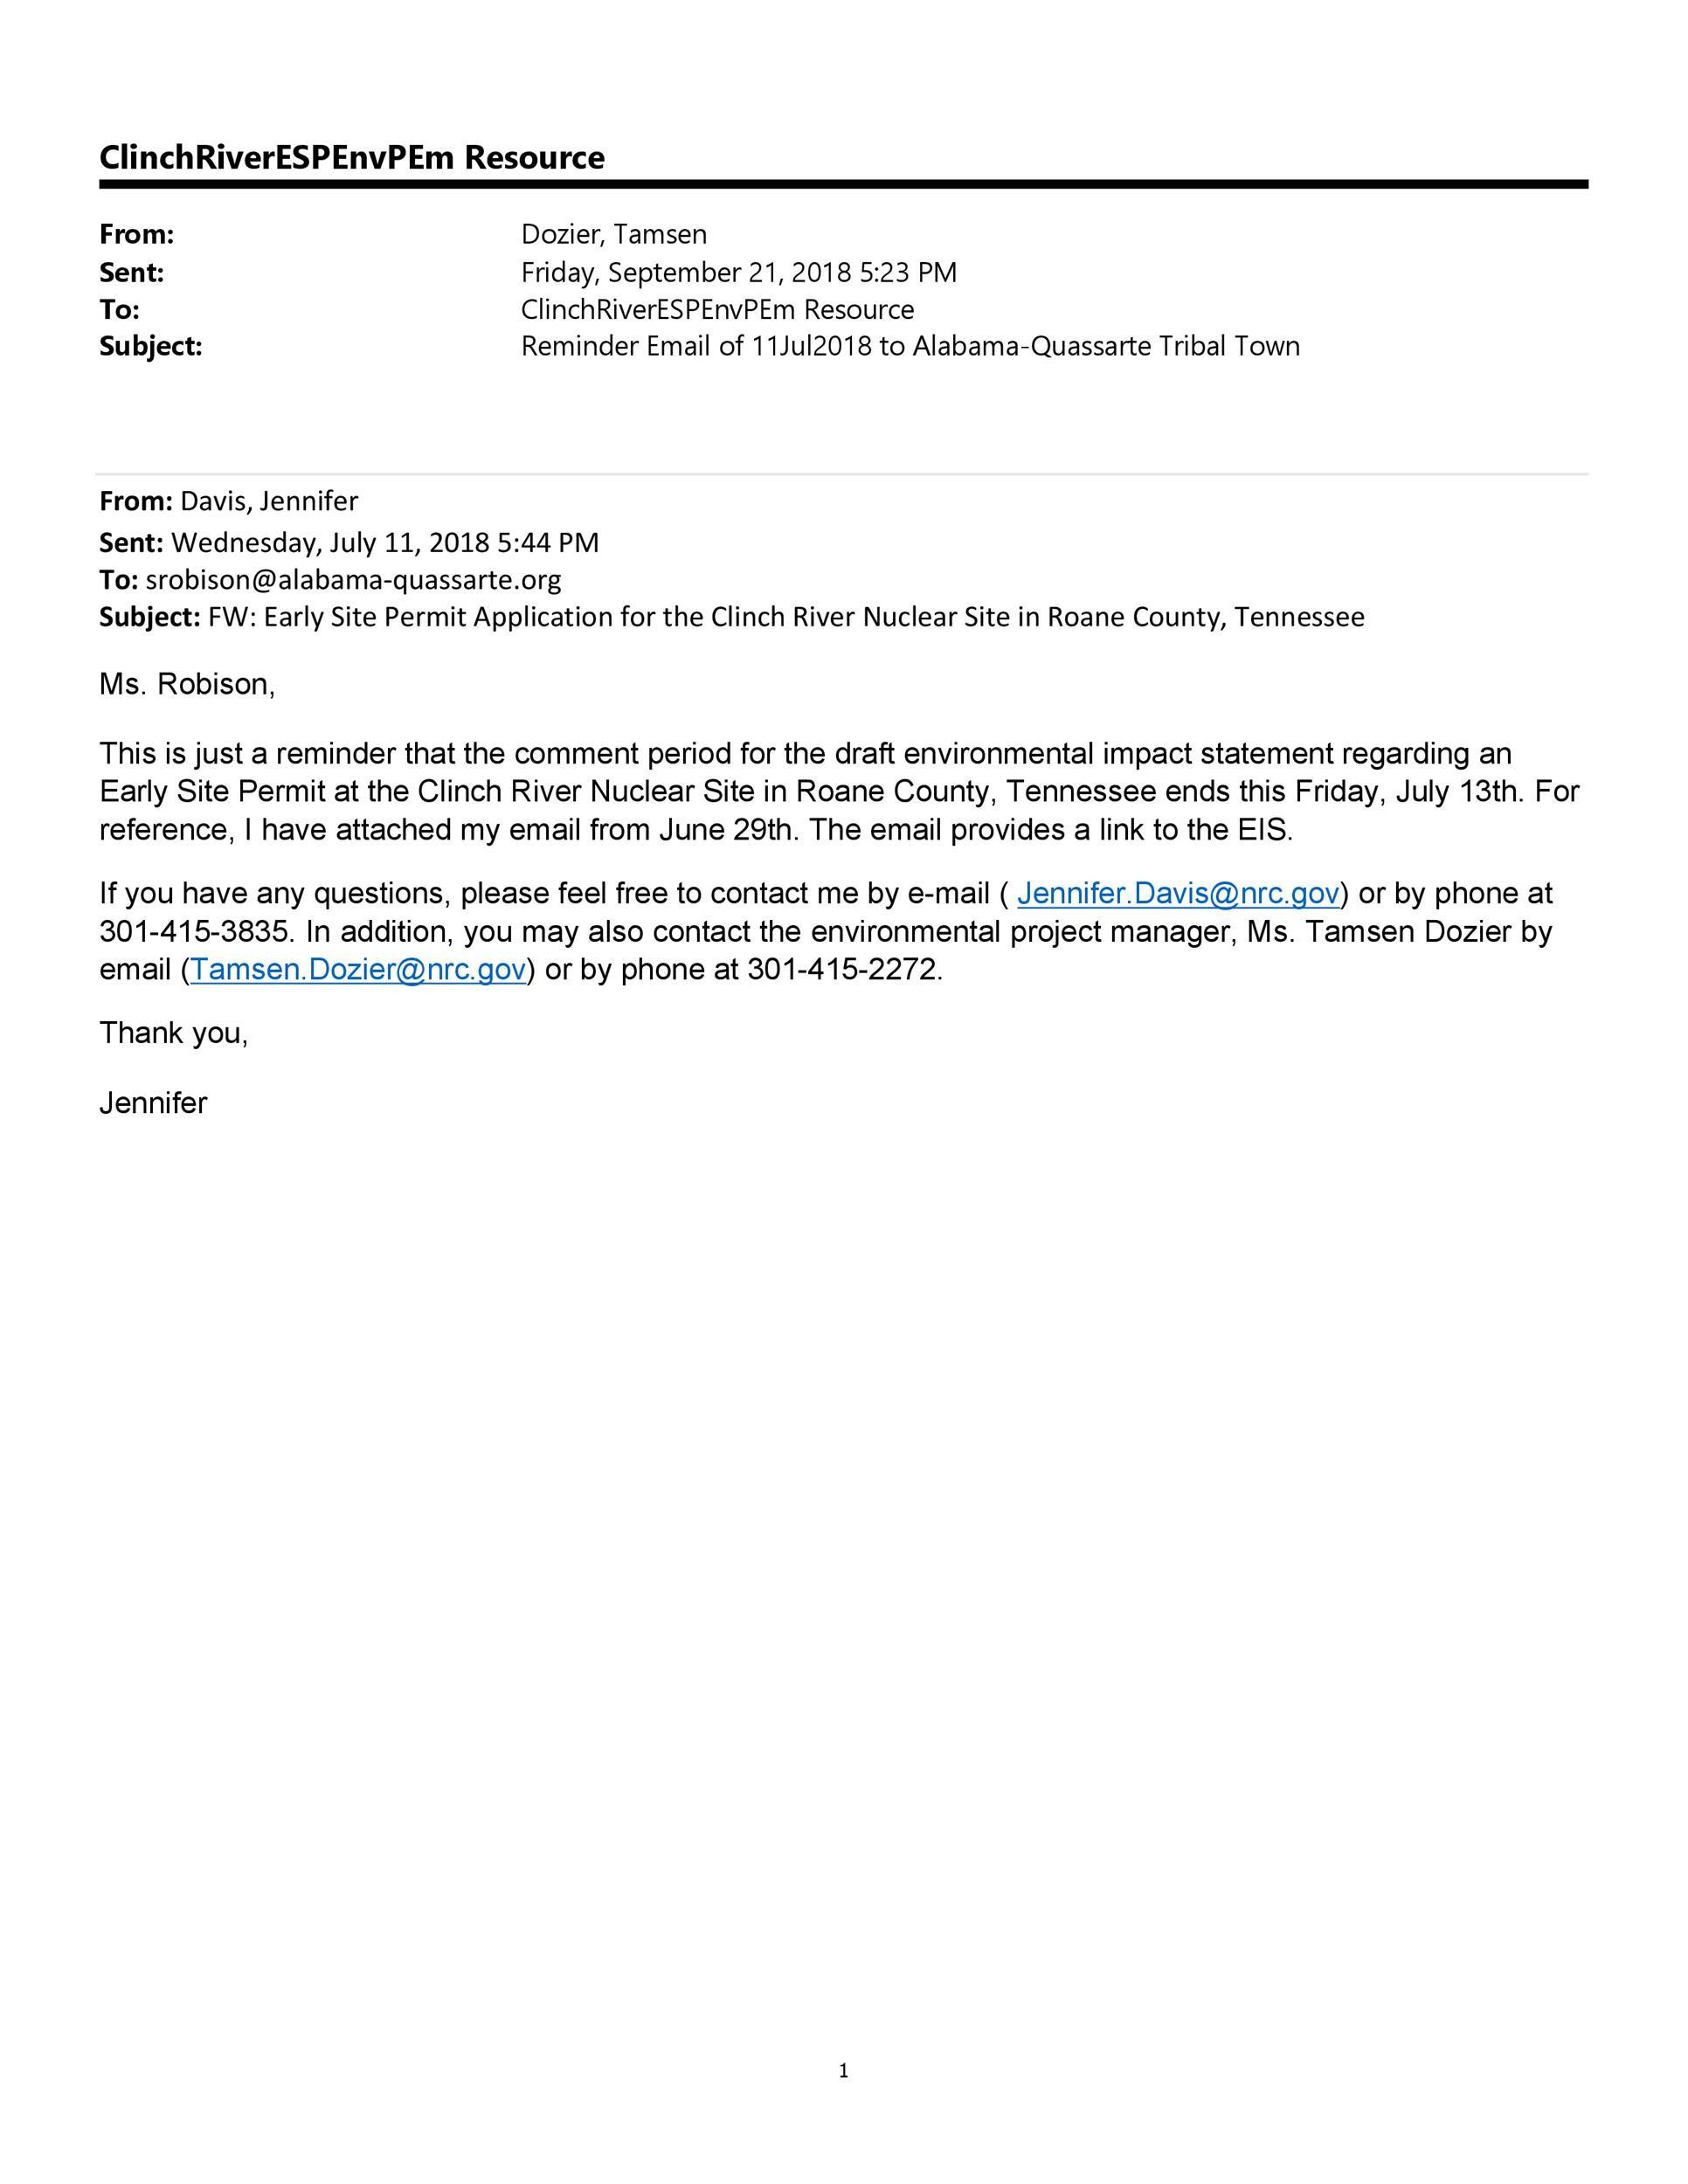 Free reminder email sample 20